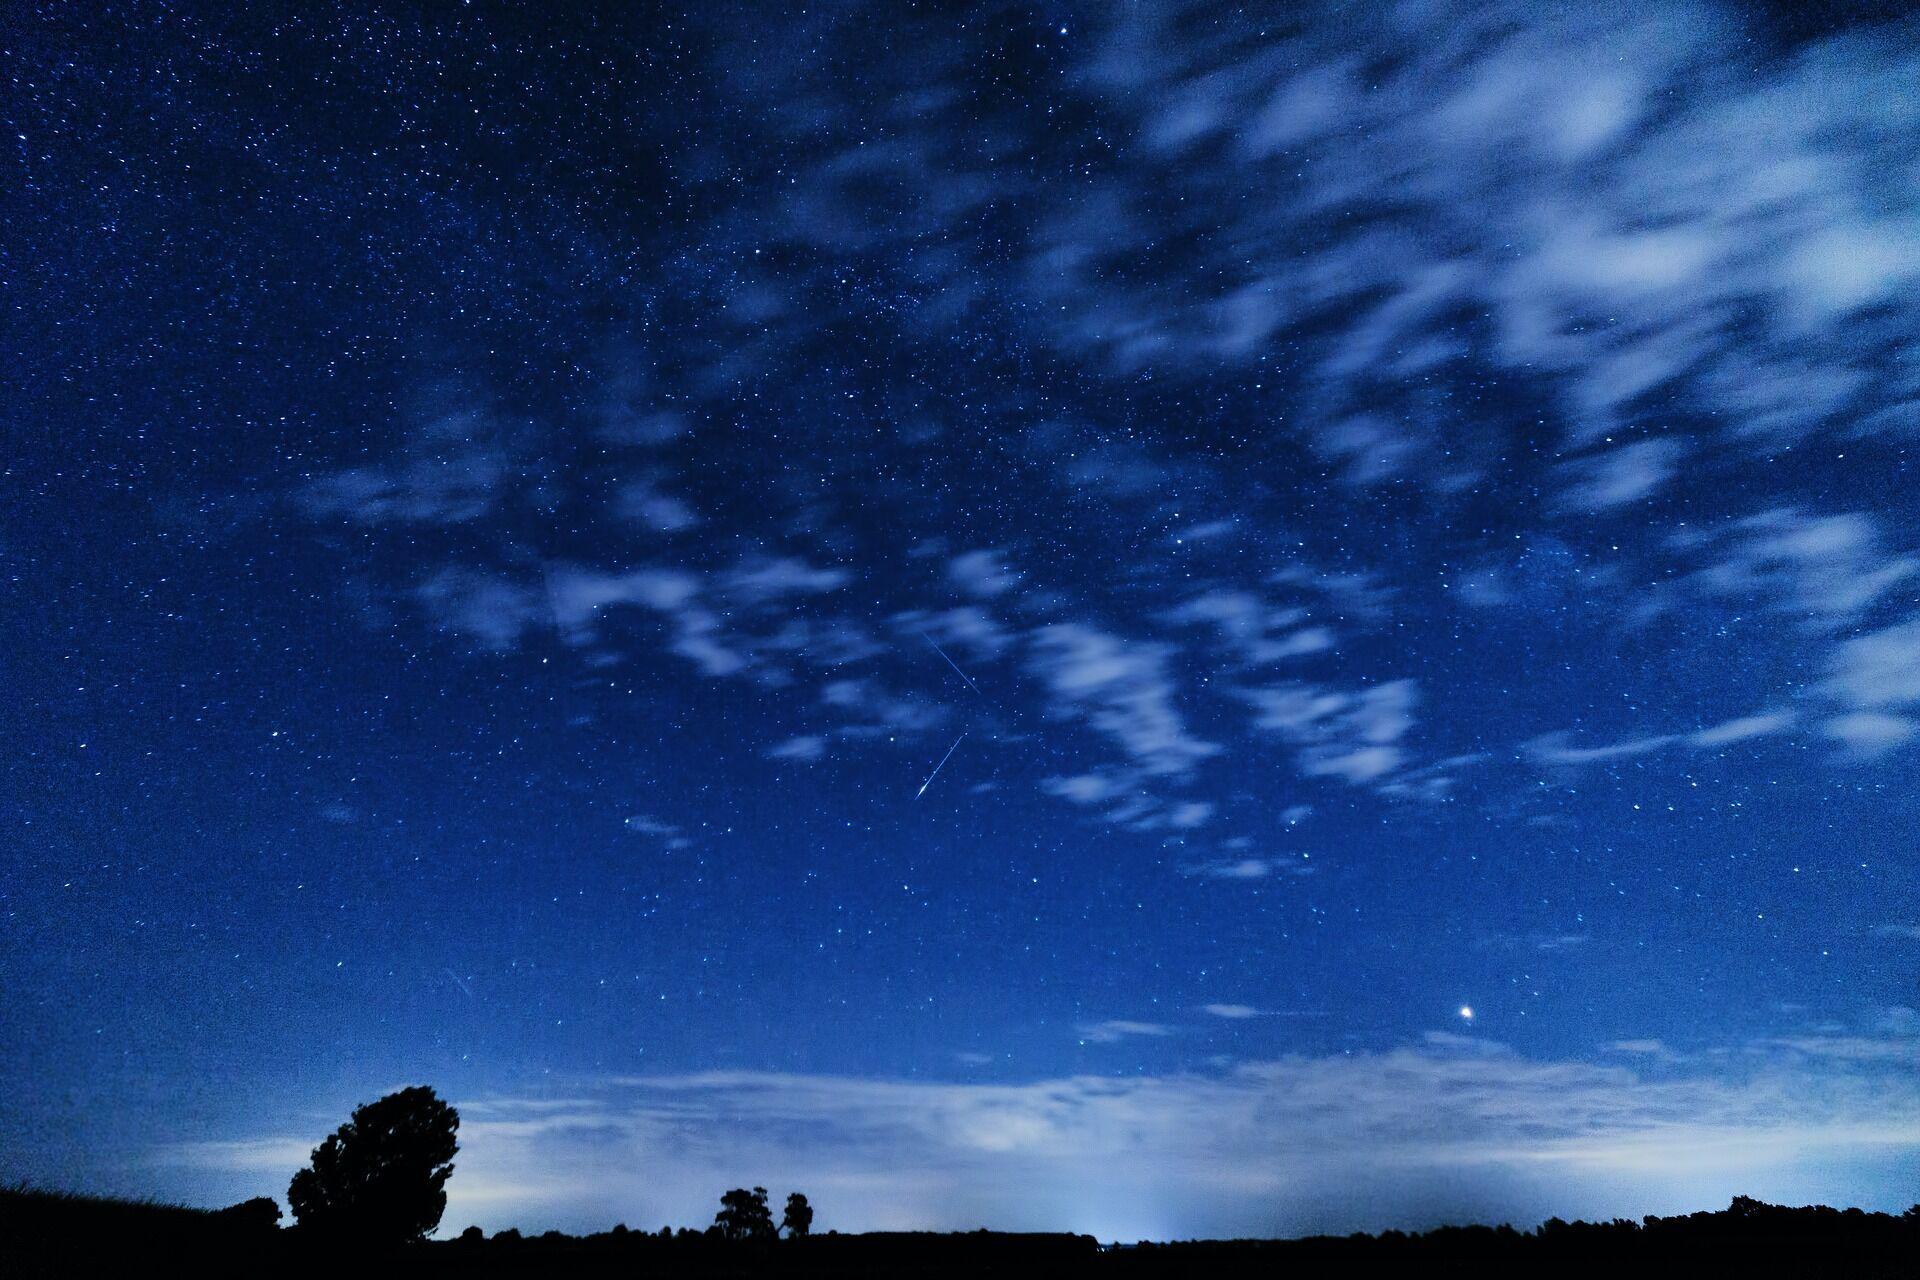 Радіант метеорного потоку розташований у сузір'ї Персея